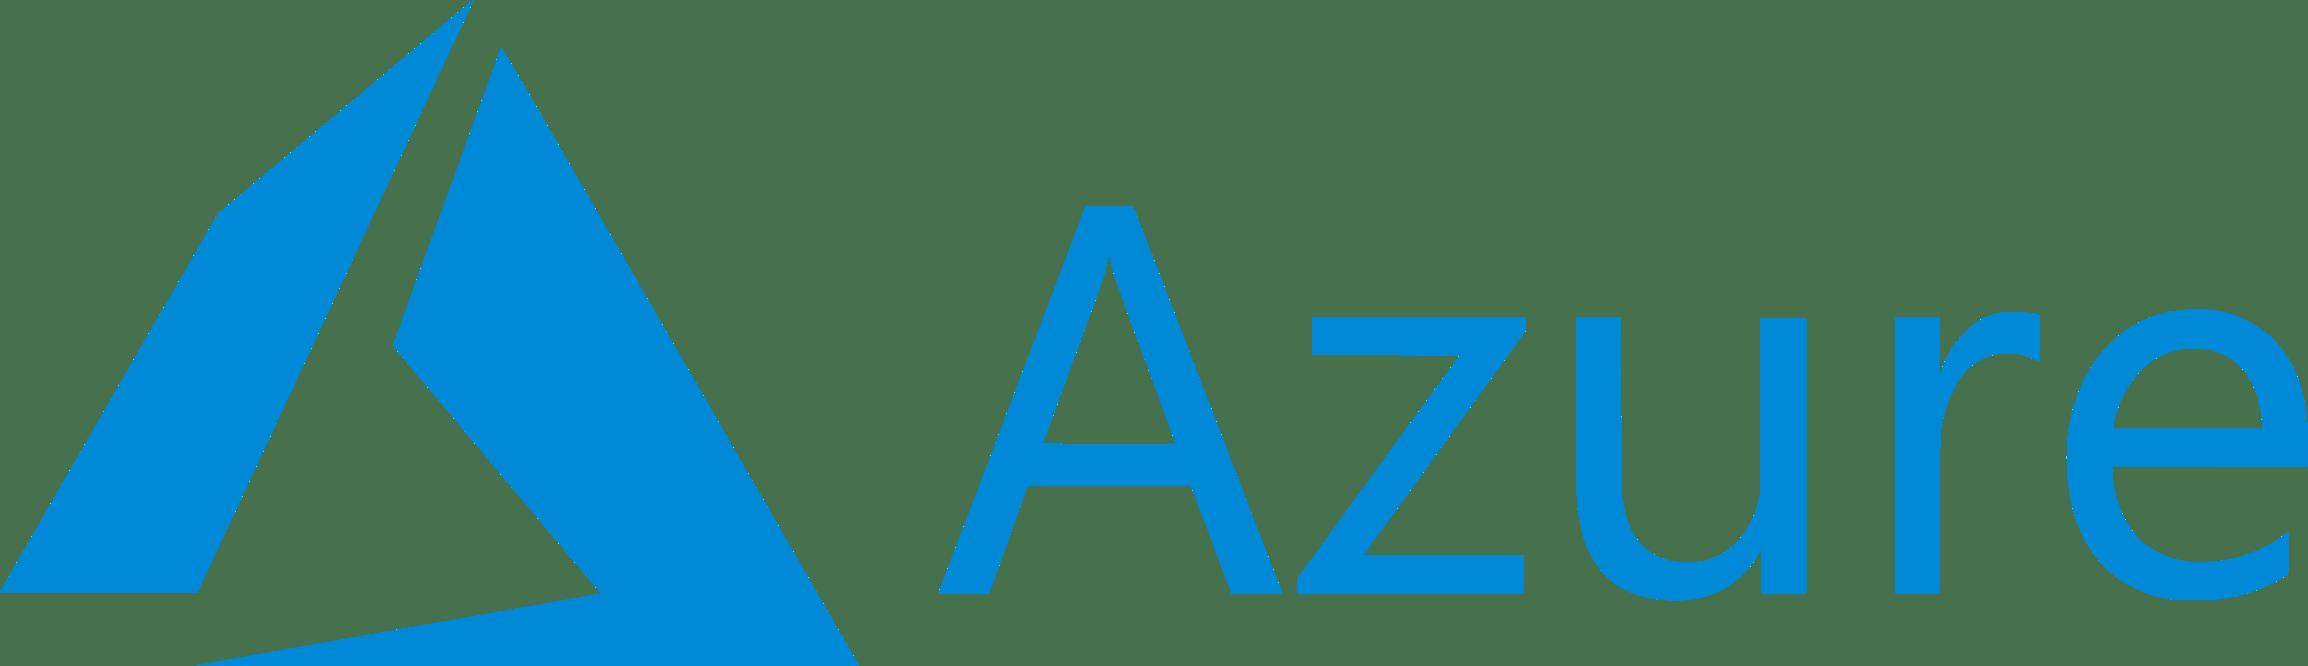 Microsoft Azure logo - large